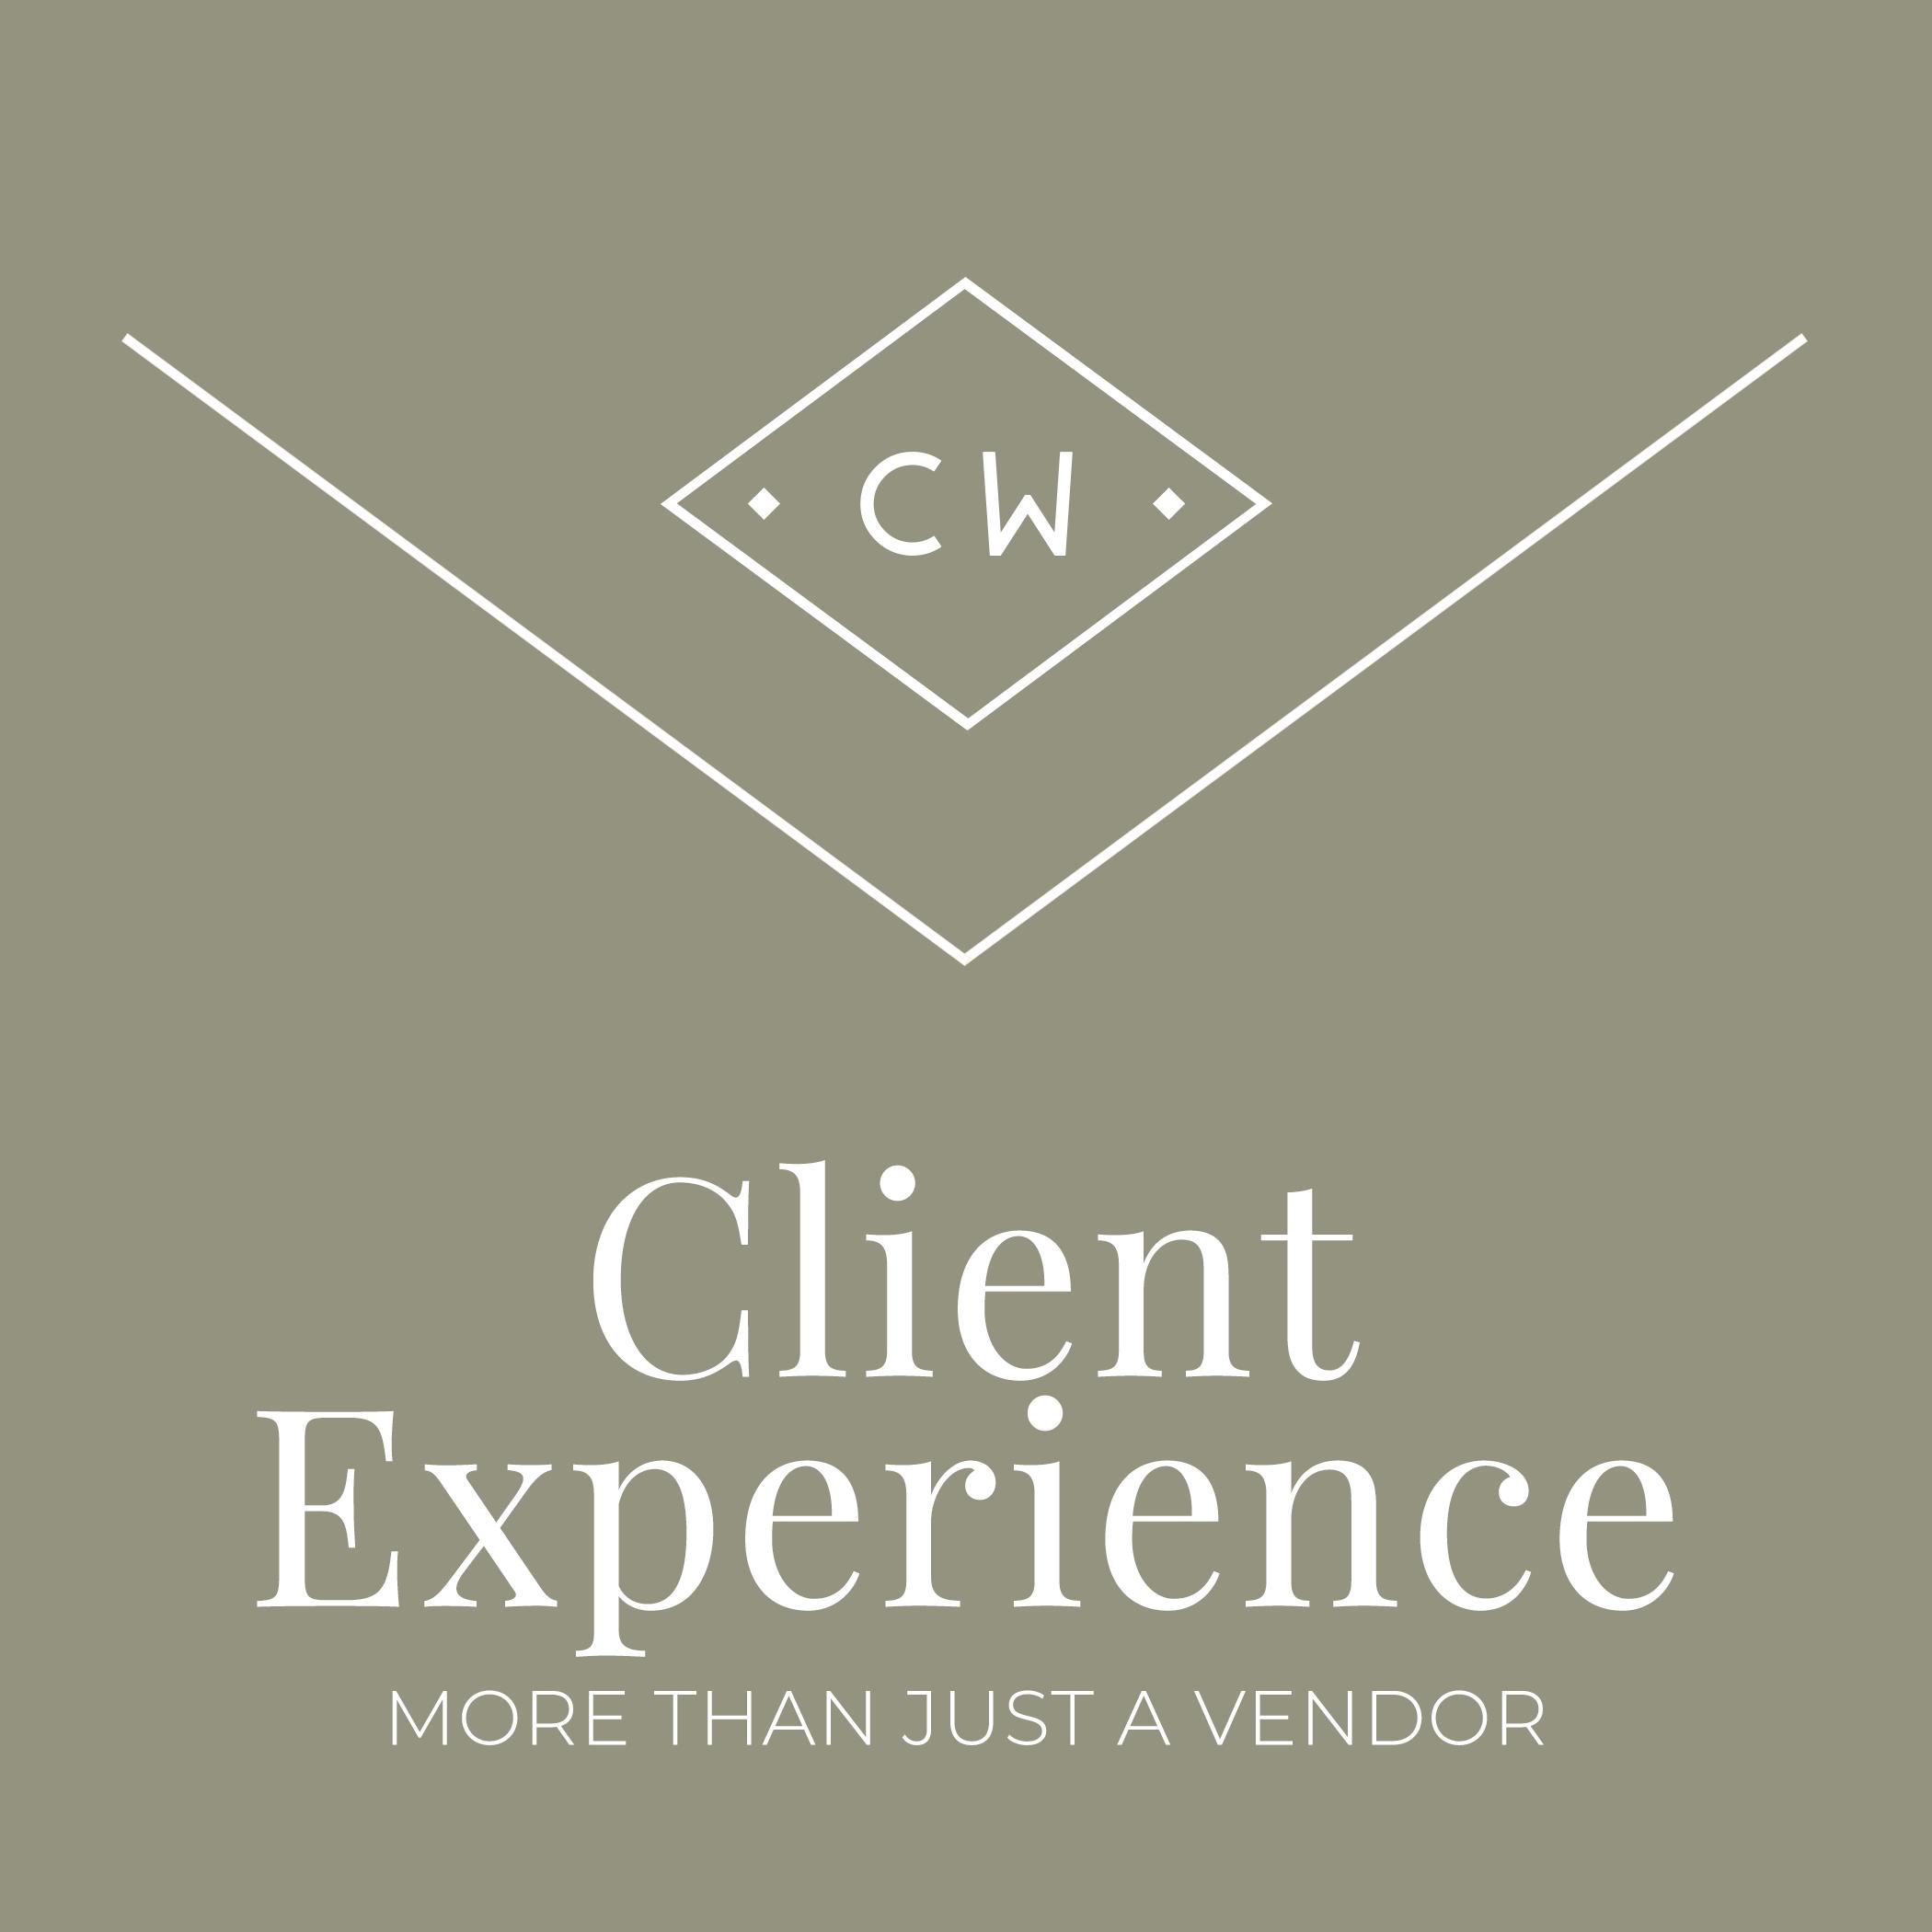 CWclientexperienceclass.png